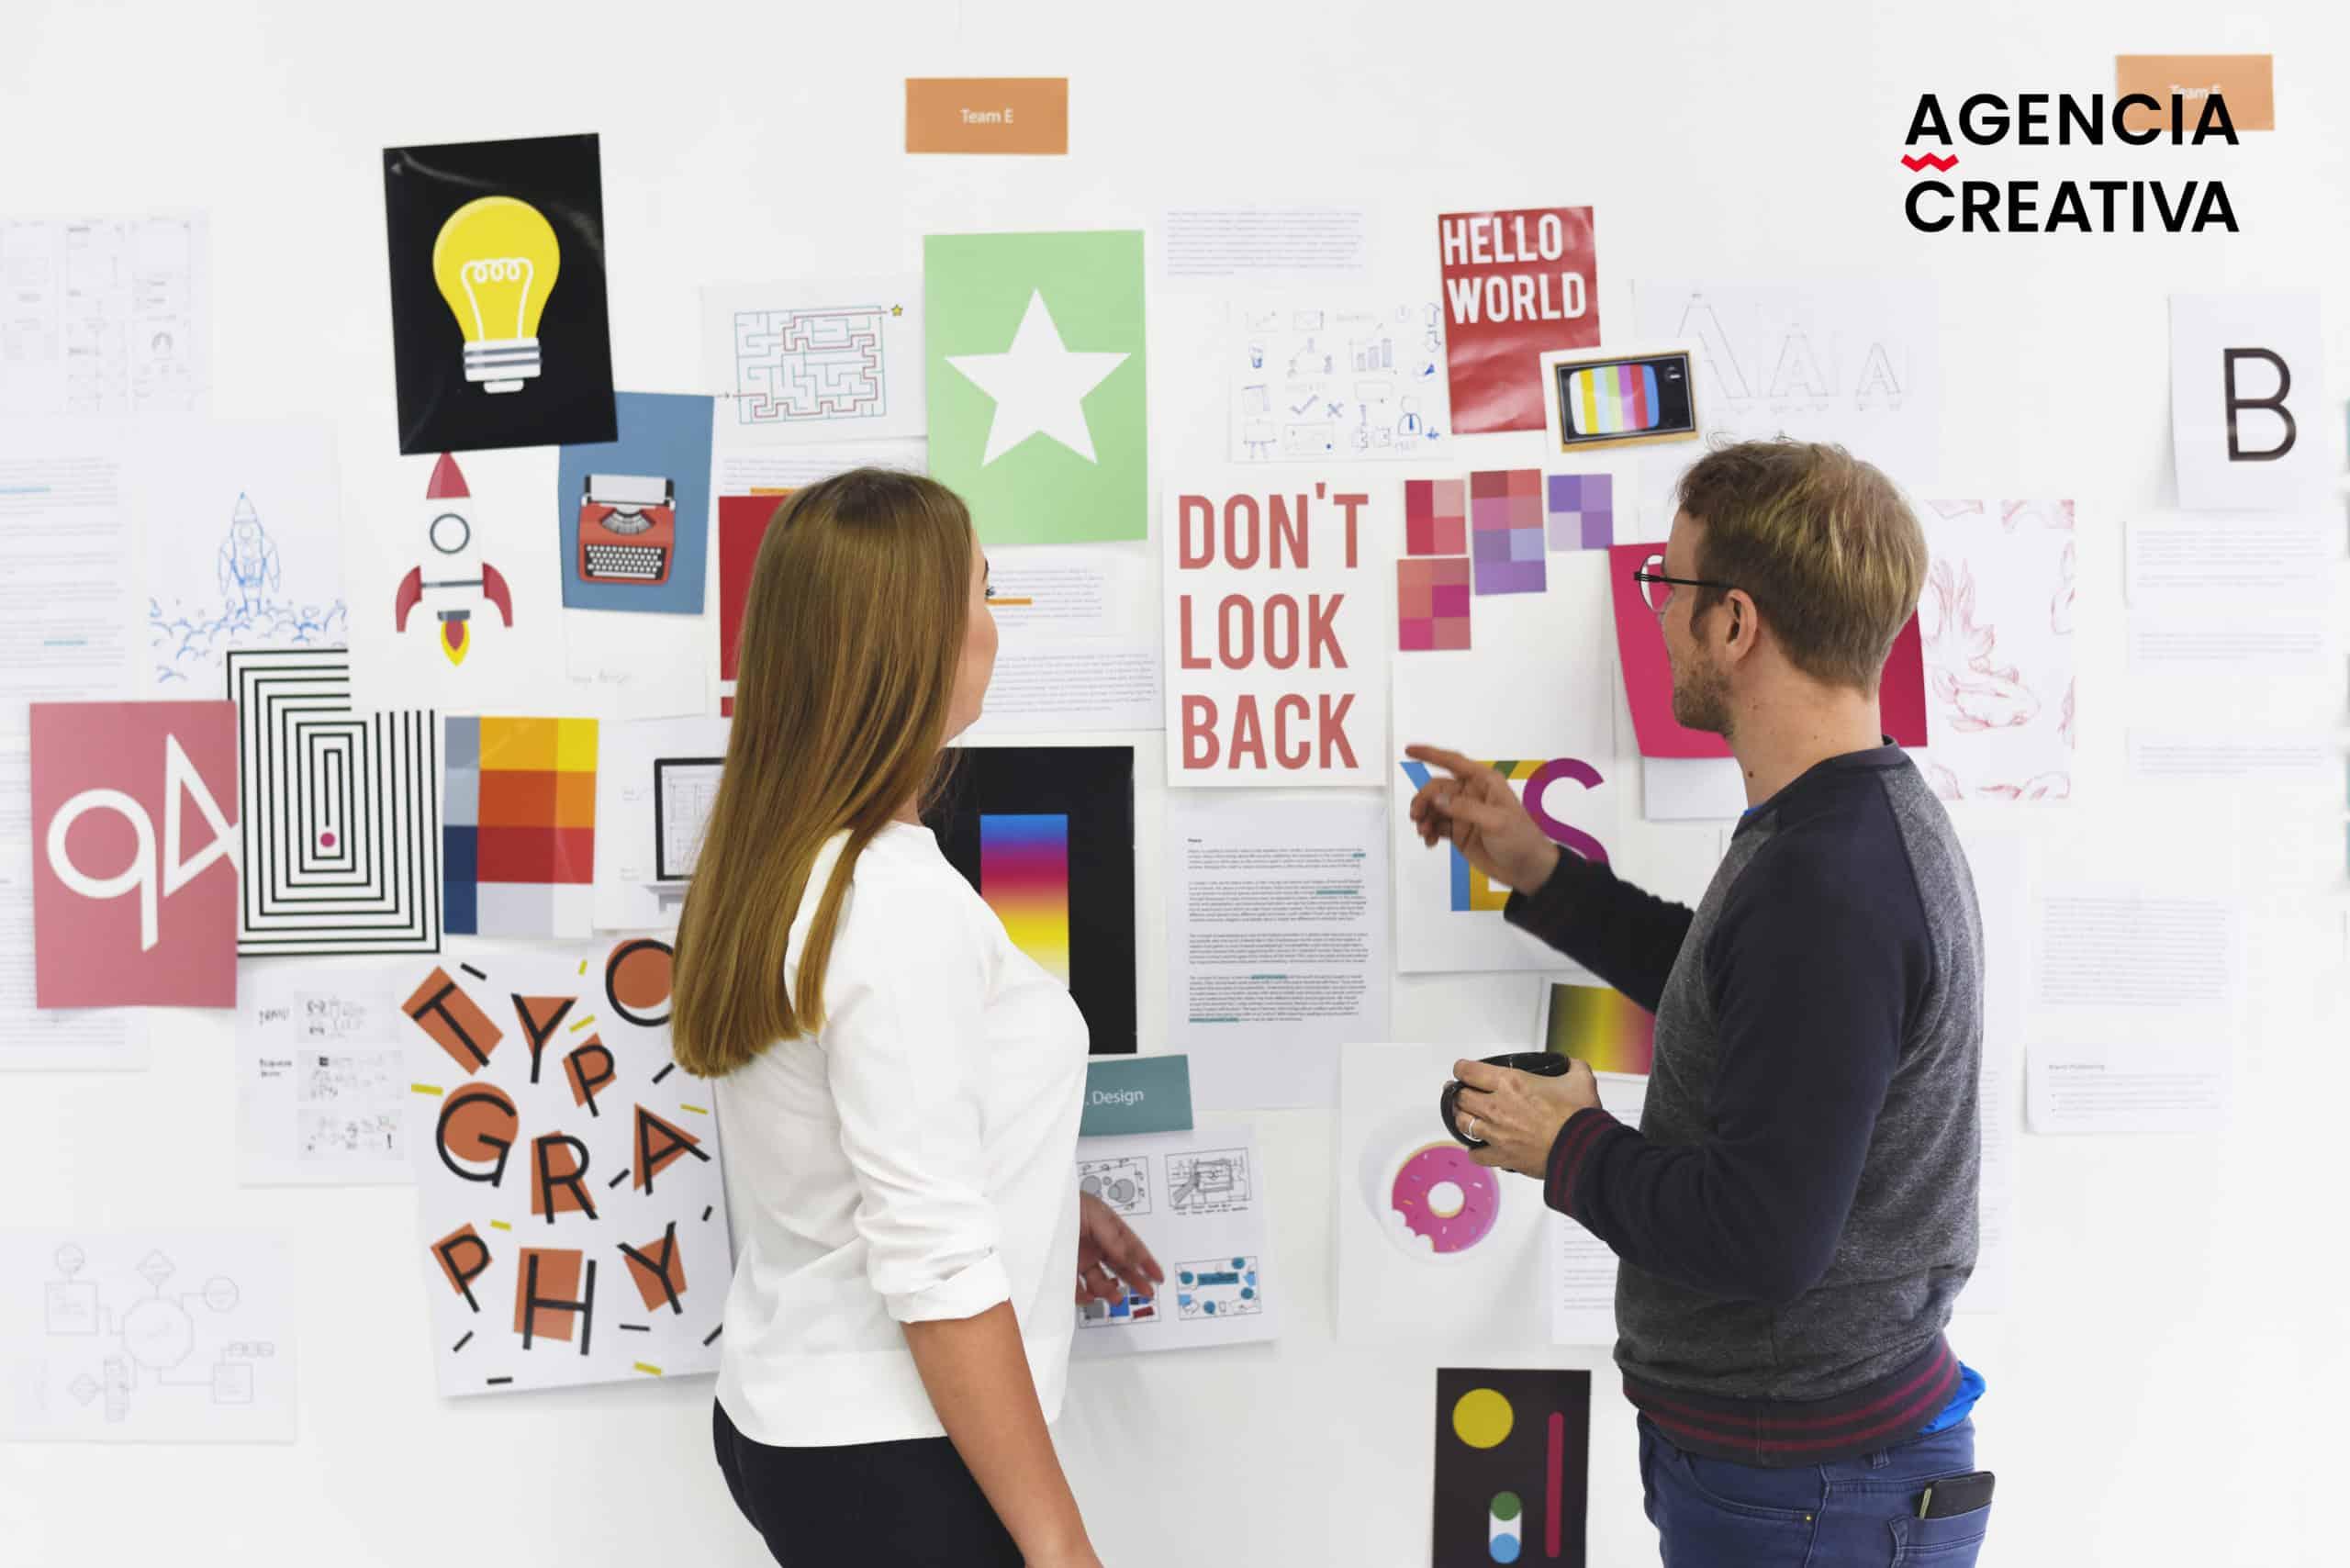 Lanzamos Intrategia®, para ayudar a las empresas a generar valor desde dentro